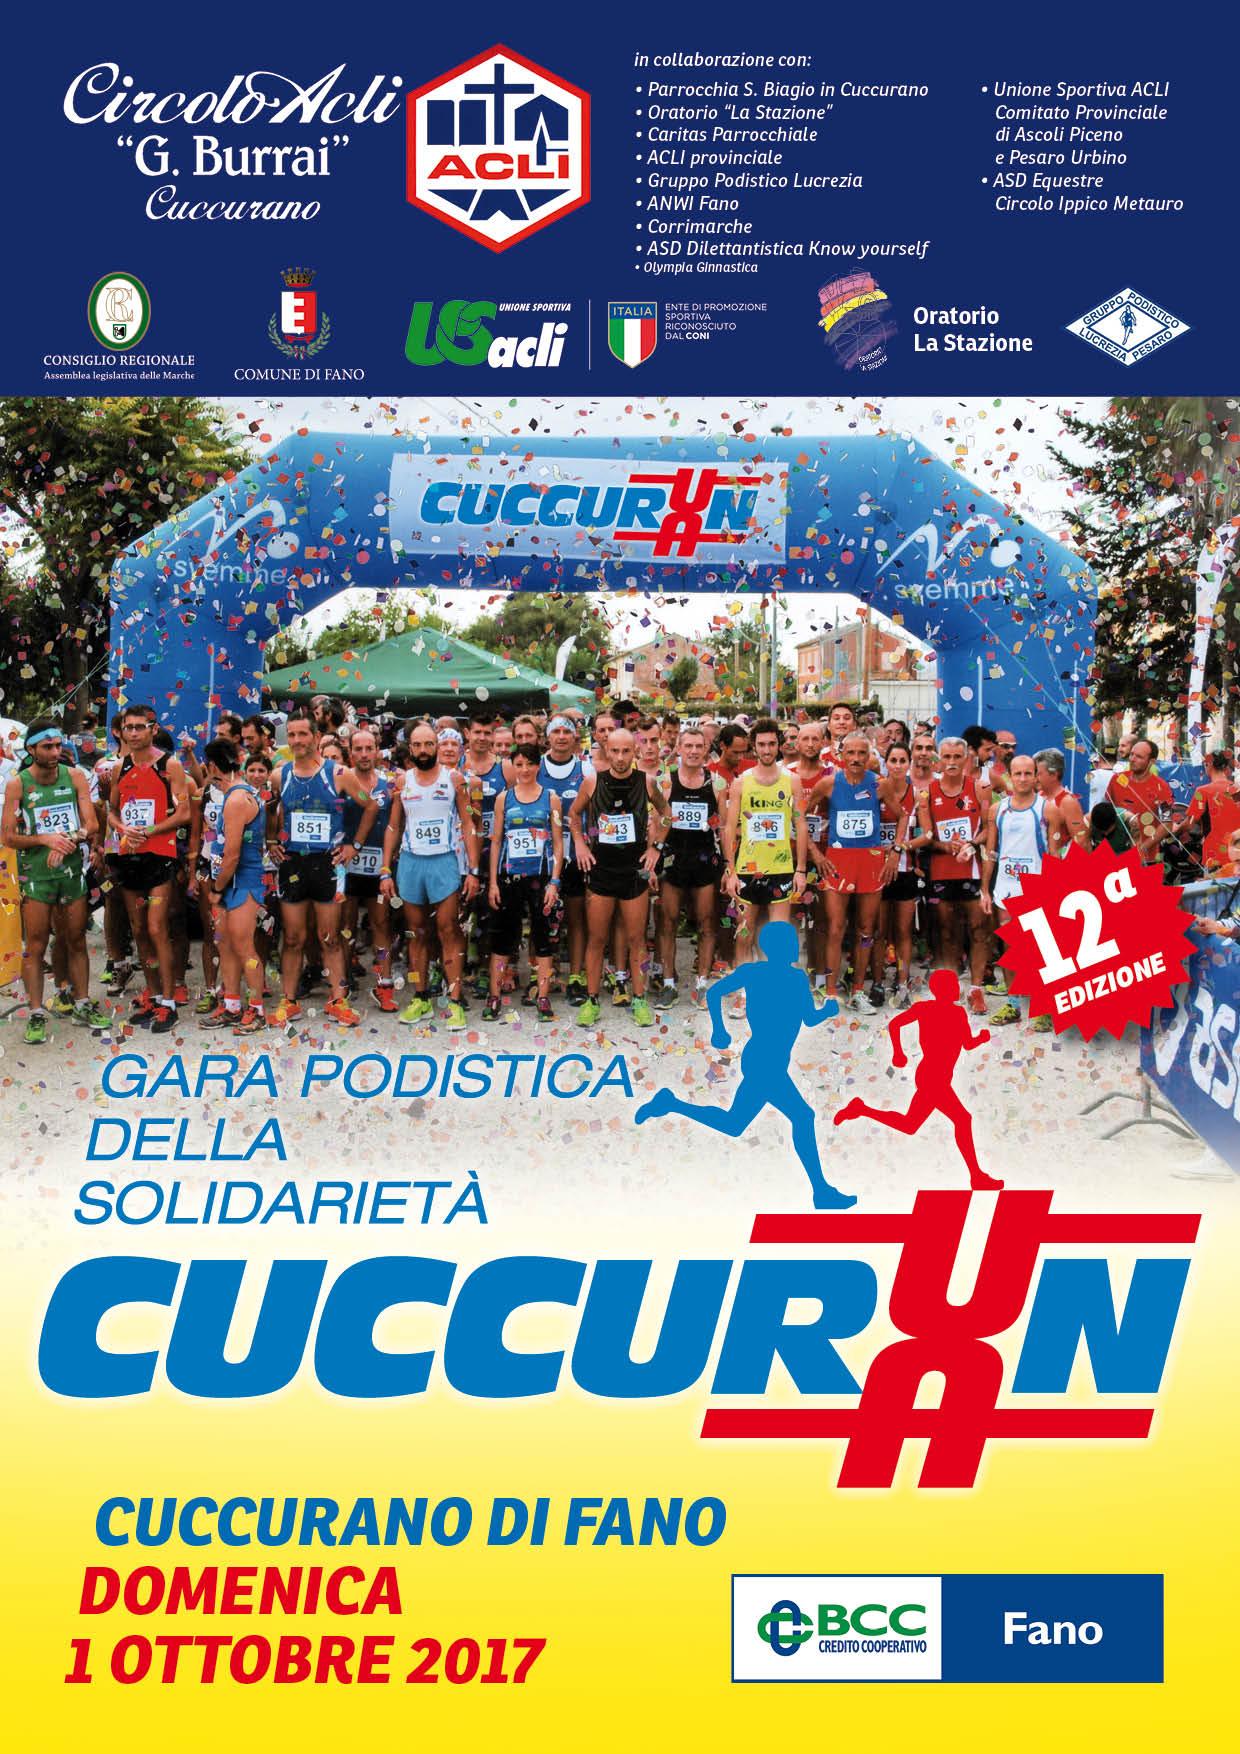 VOLANTINO davanti-cuccu-run-2017 (1)